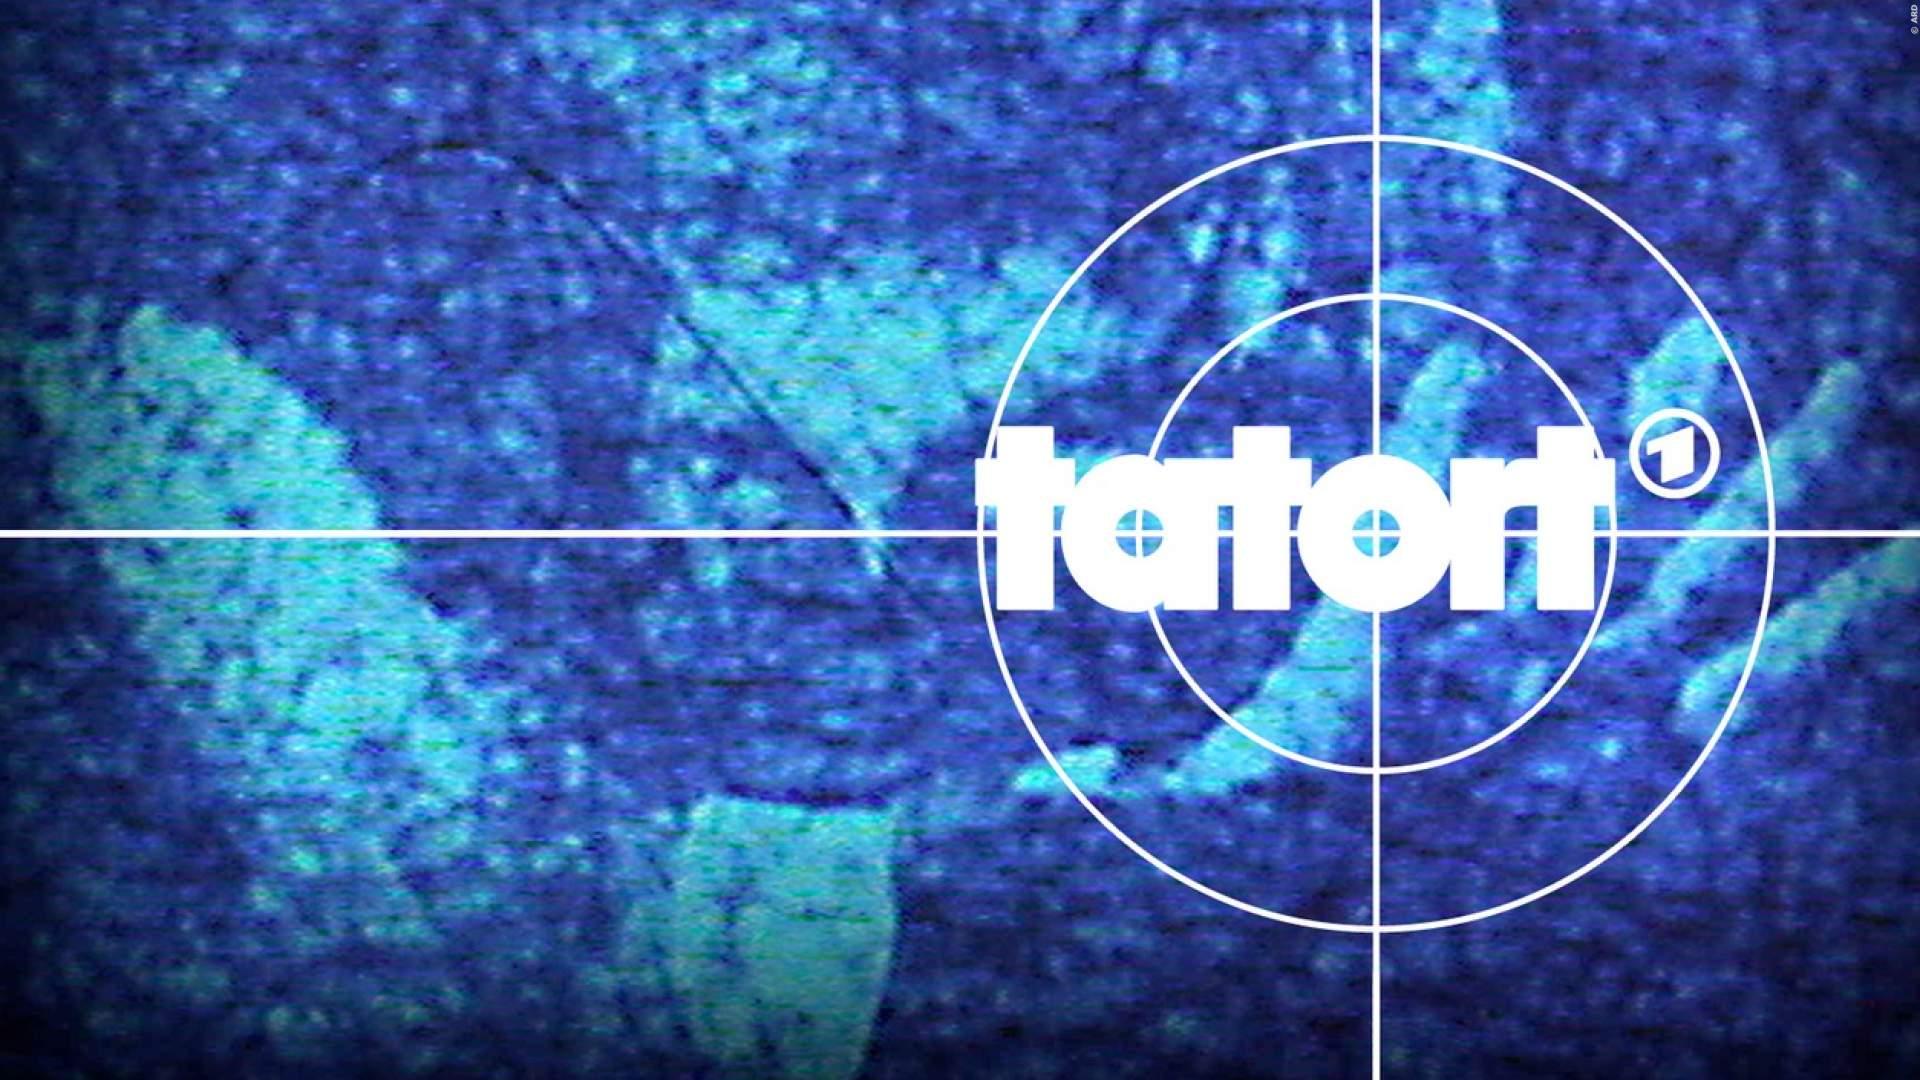 STUDIE: So viel Strom kostet euch das Anschauen einer Folge 'Tatort'